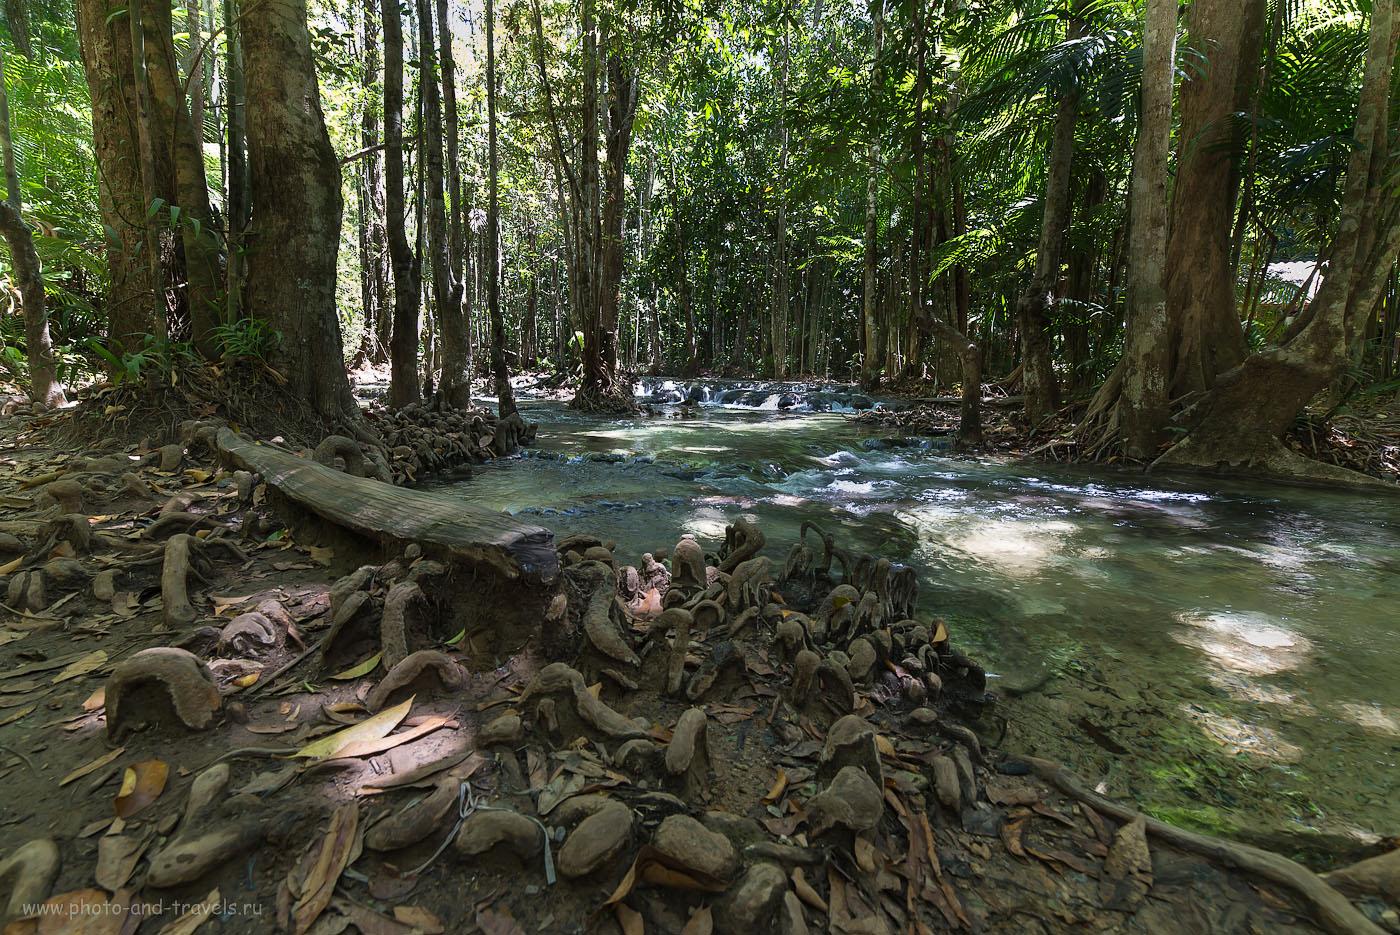 Фотография 25. Под пологом джунглей в парке Khao Phra Bang Khram Nature Reserve, куда мы приехали во время отдыха в Таиланде самостоятельно. Отчет о поездке на машине (250, 14, 9.0, 1/25) (500, 14, 8.0, 1/25)